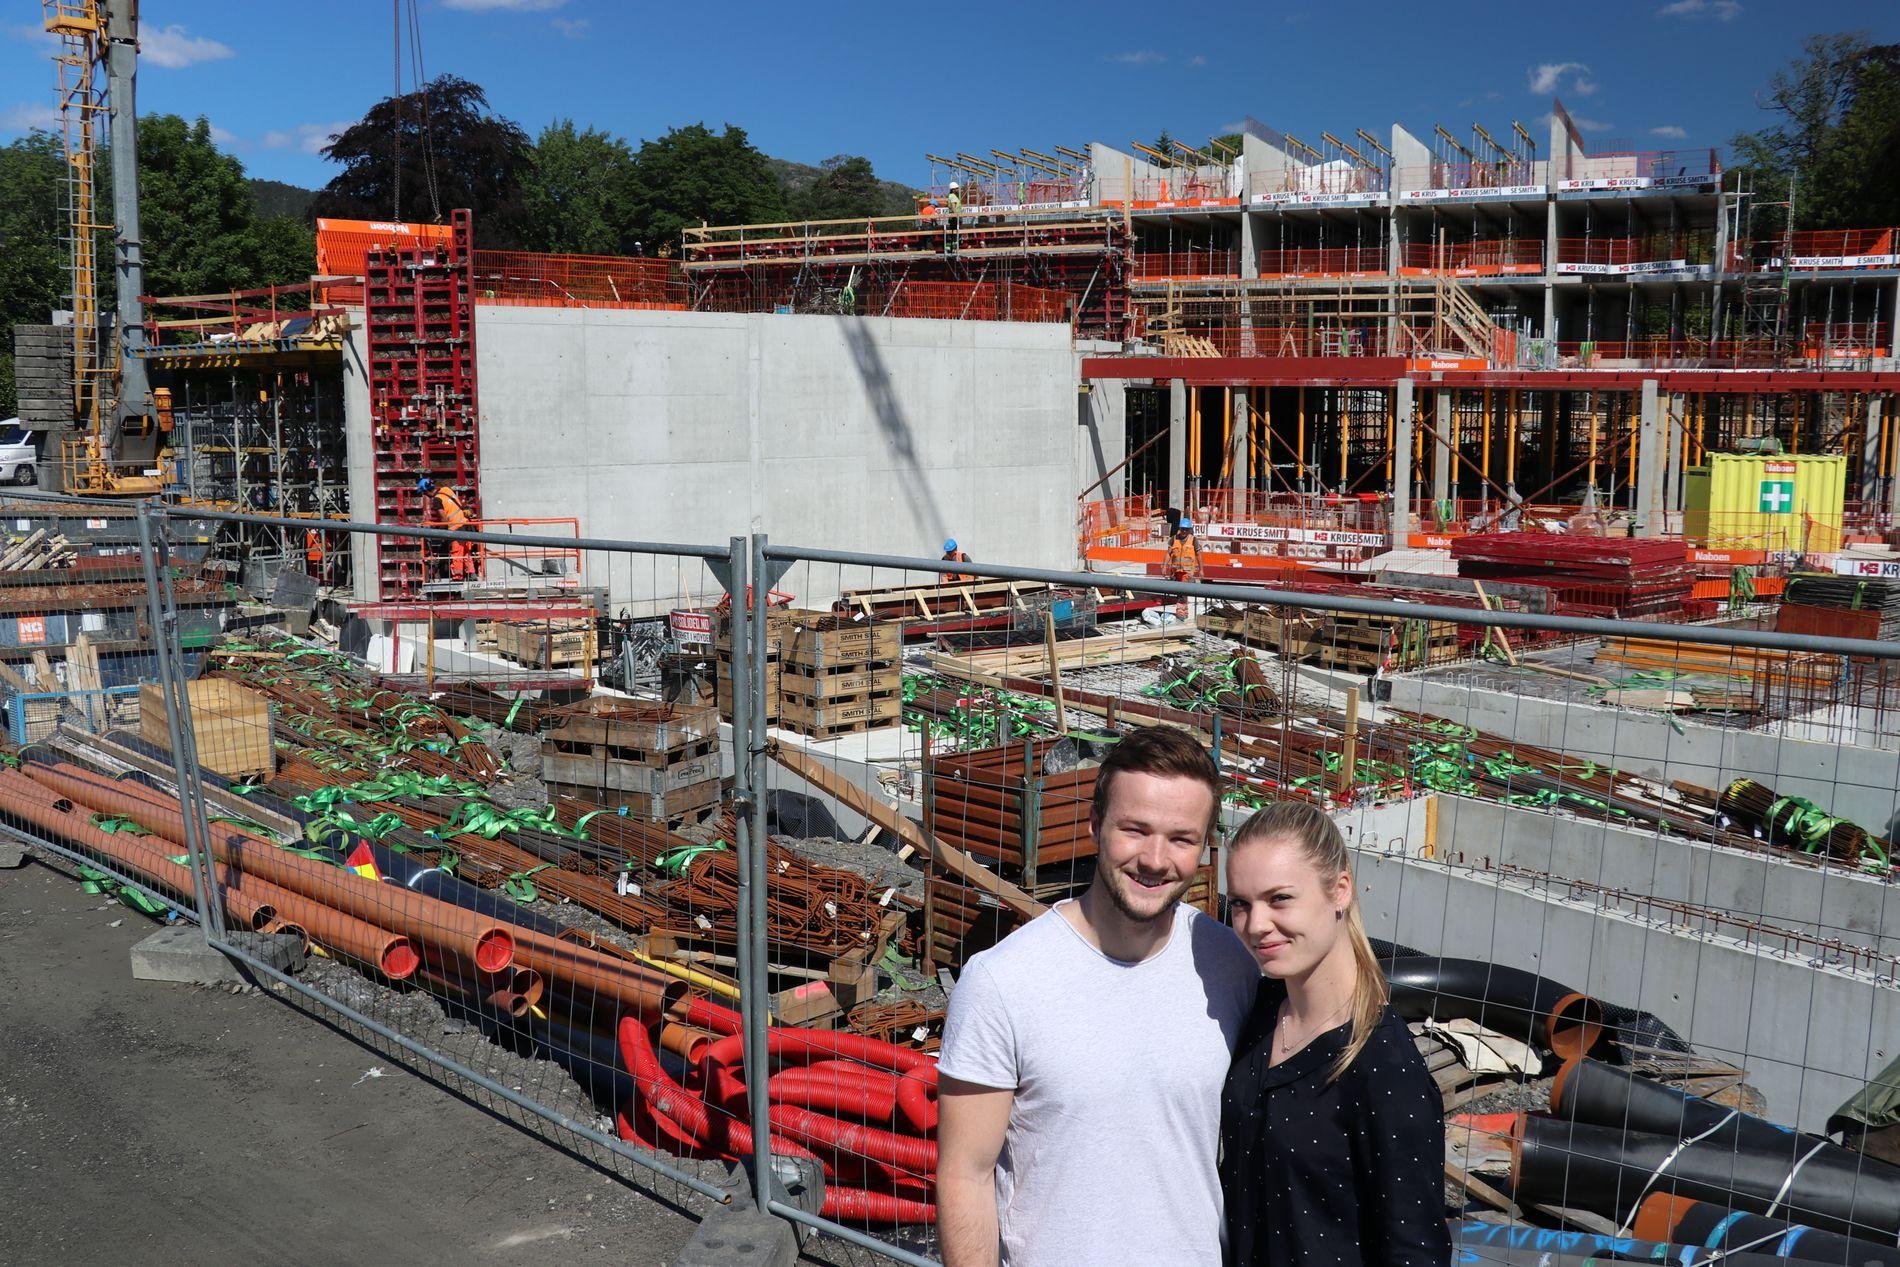 SNART I HUS: – Det er omtrent her leiligheten vår kommer, sier Tor Øksenberg Hellebø. Han besøker byggeplassen like ved Paradiskrysset samme kjæresten Sunniva Risti Bergaas.